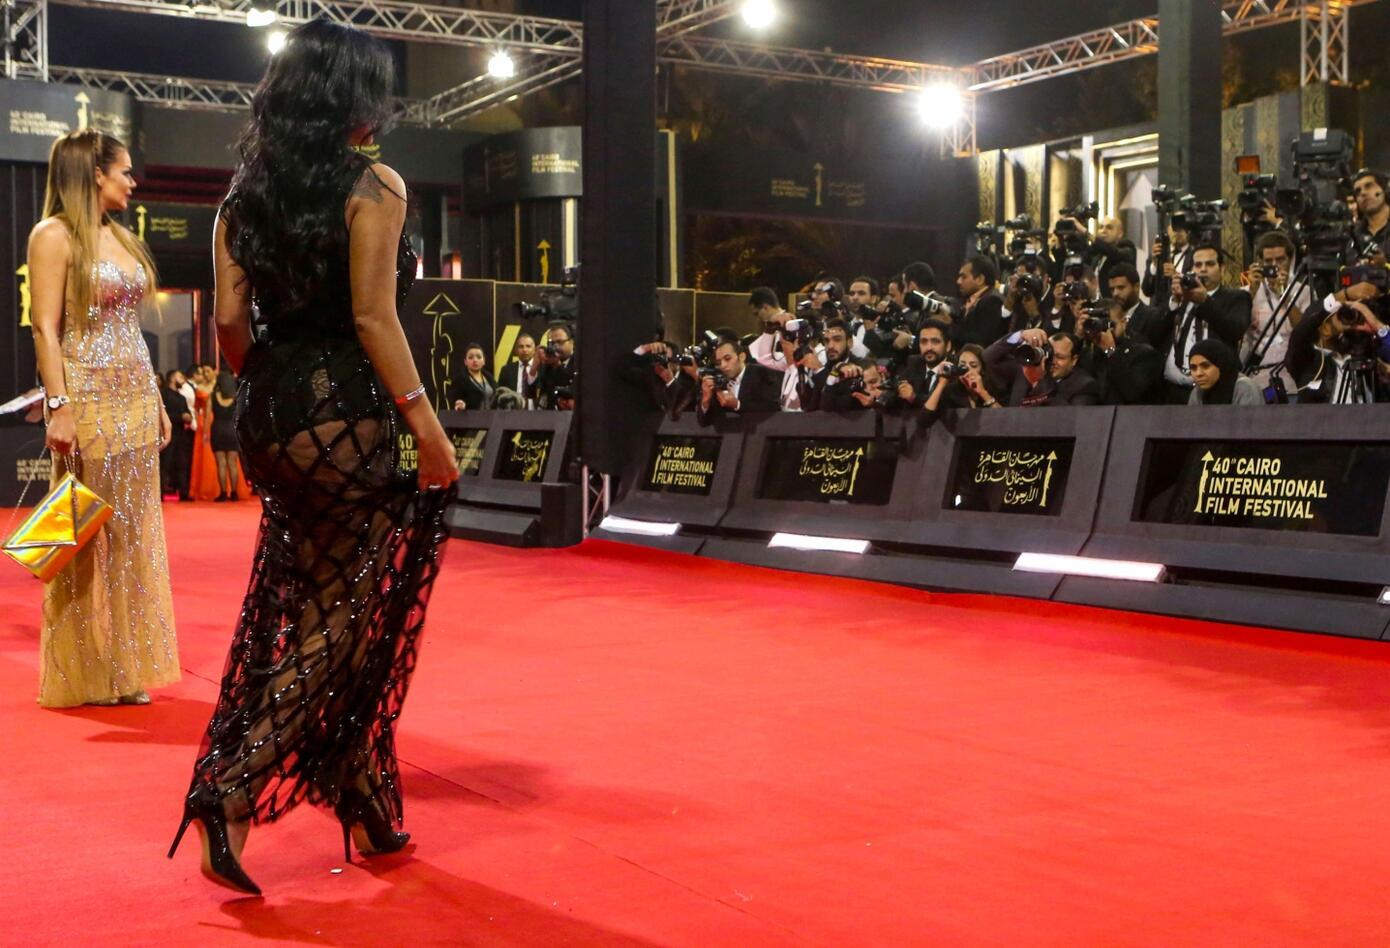 La actriz desfiló por la alfombra roja con un vestido transparente en la parte baja.